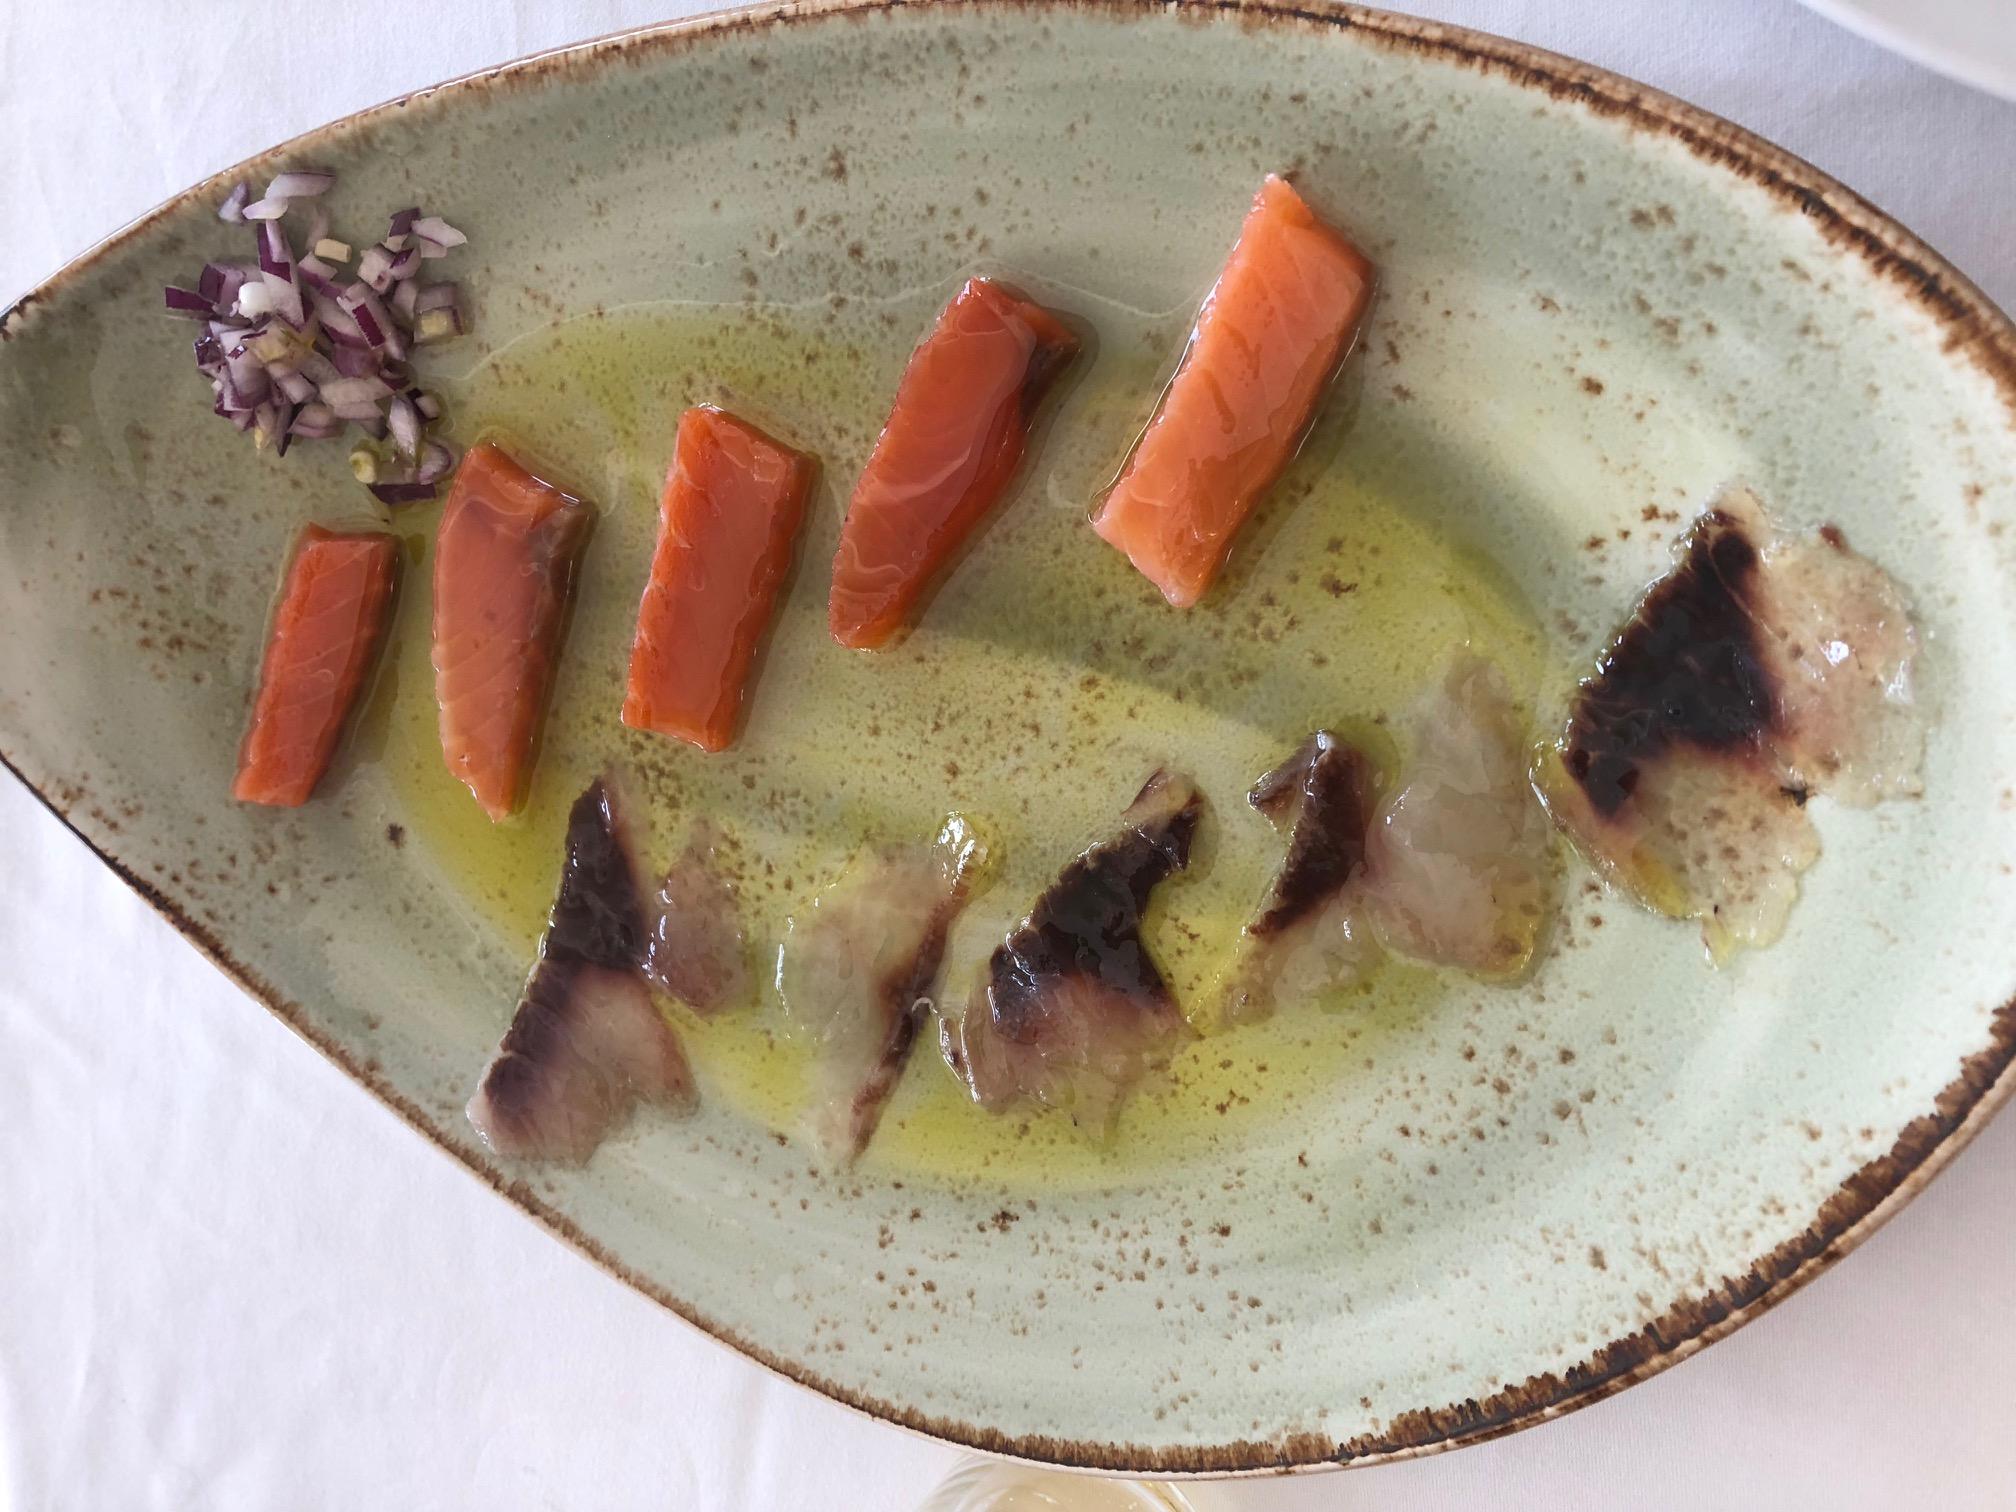 Restaurante Mirador de Doñana